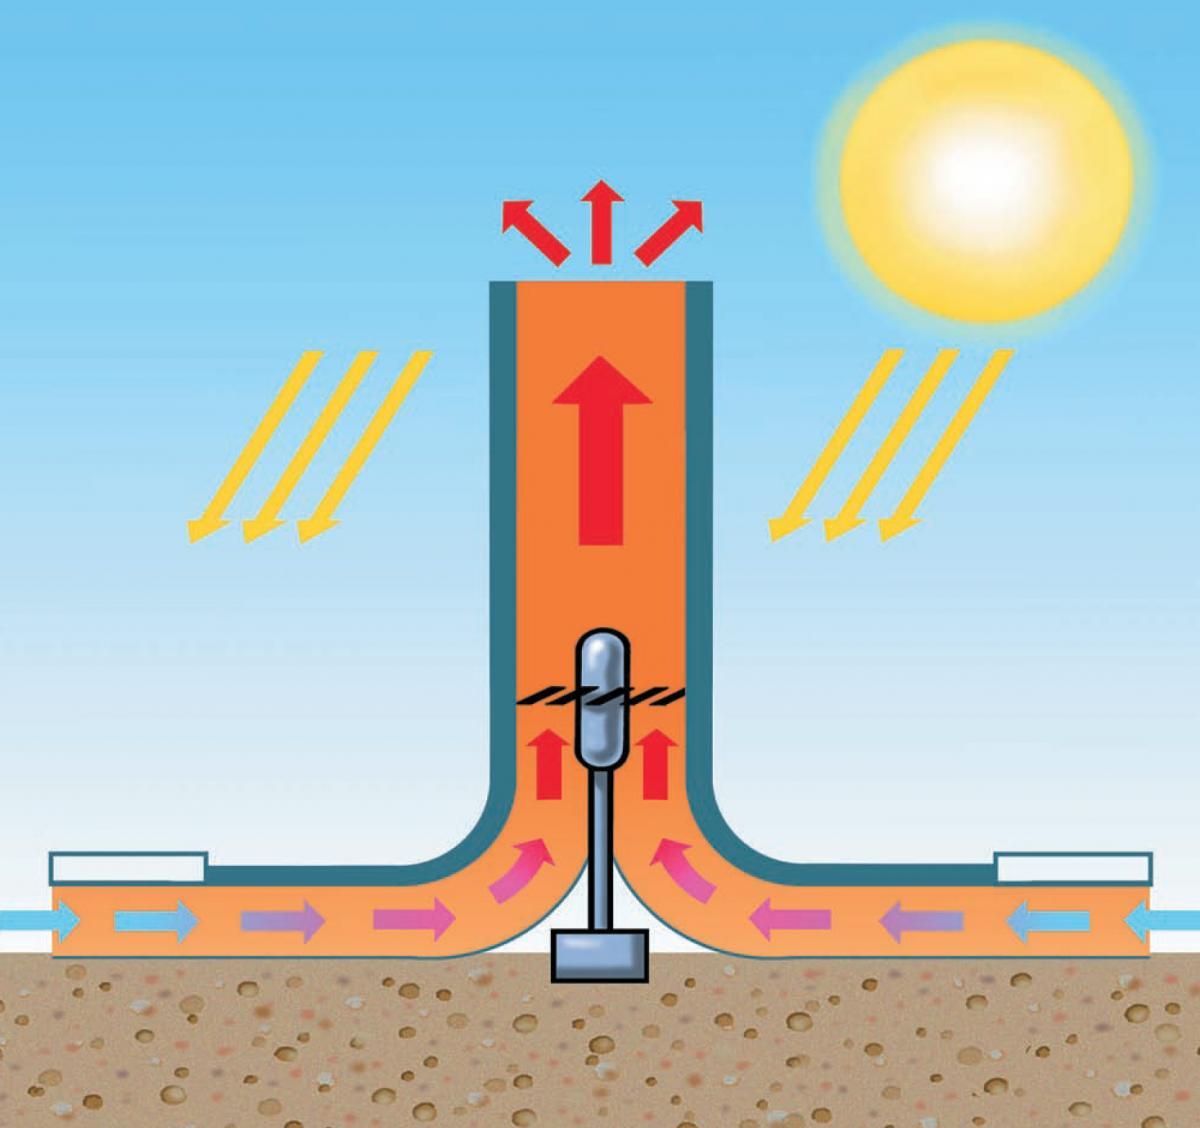 Güneş pilleri: operasyon ve kapsam prensibi